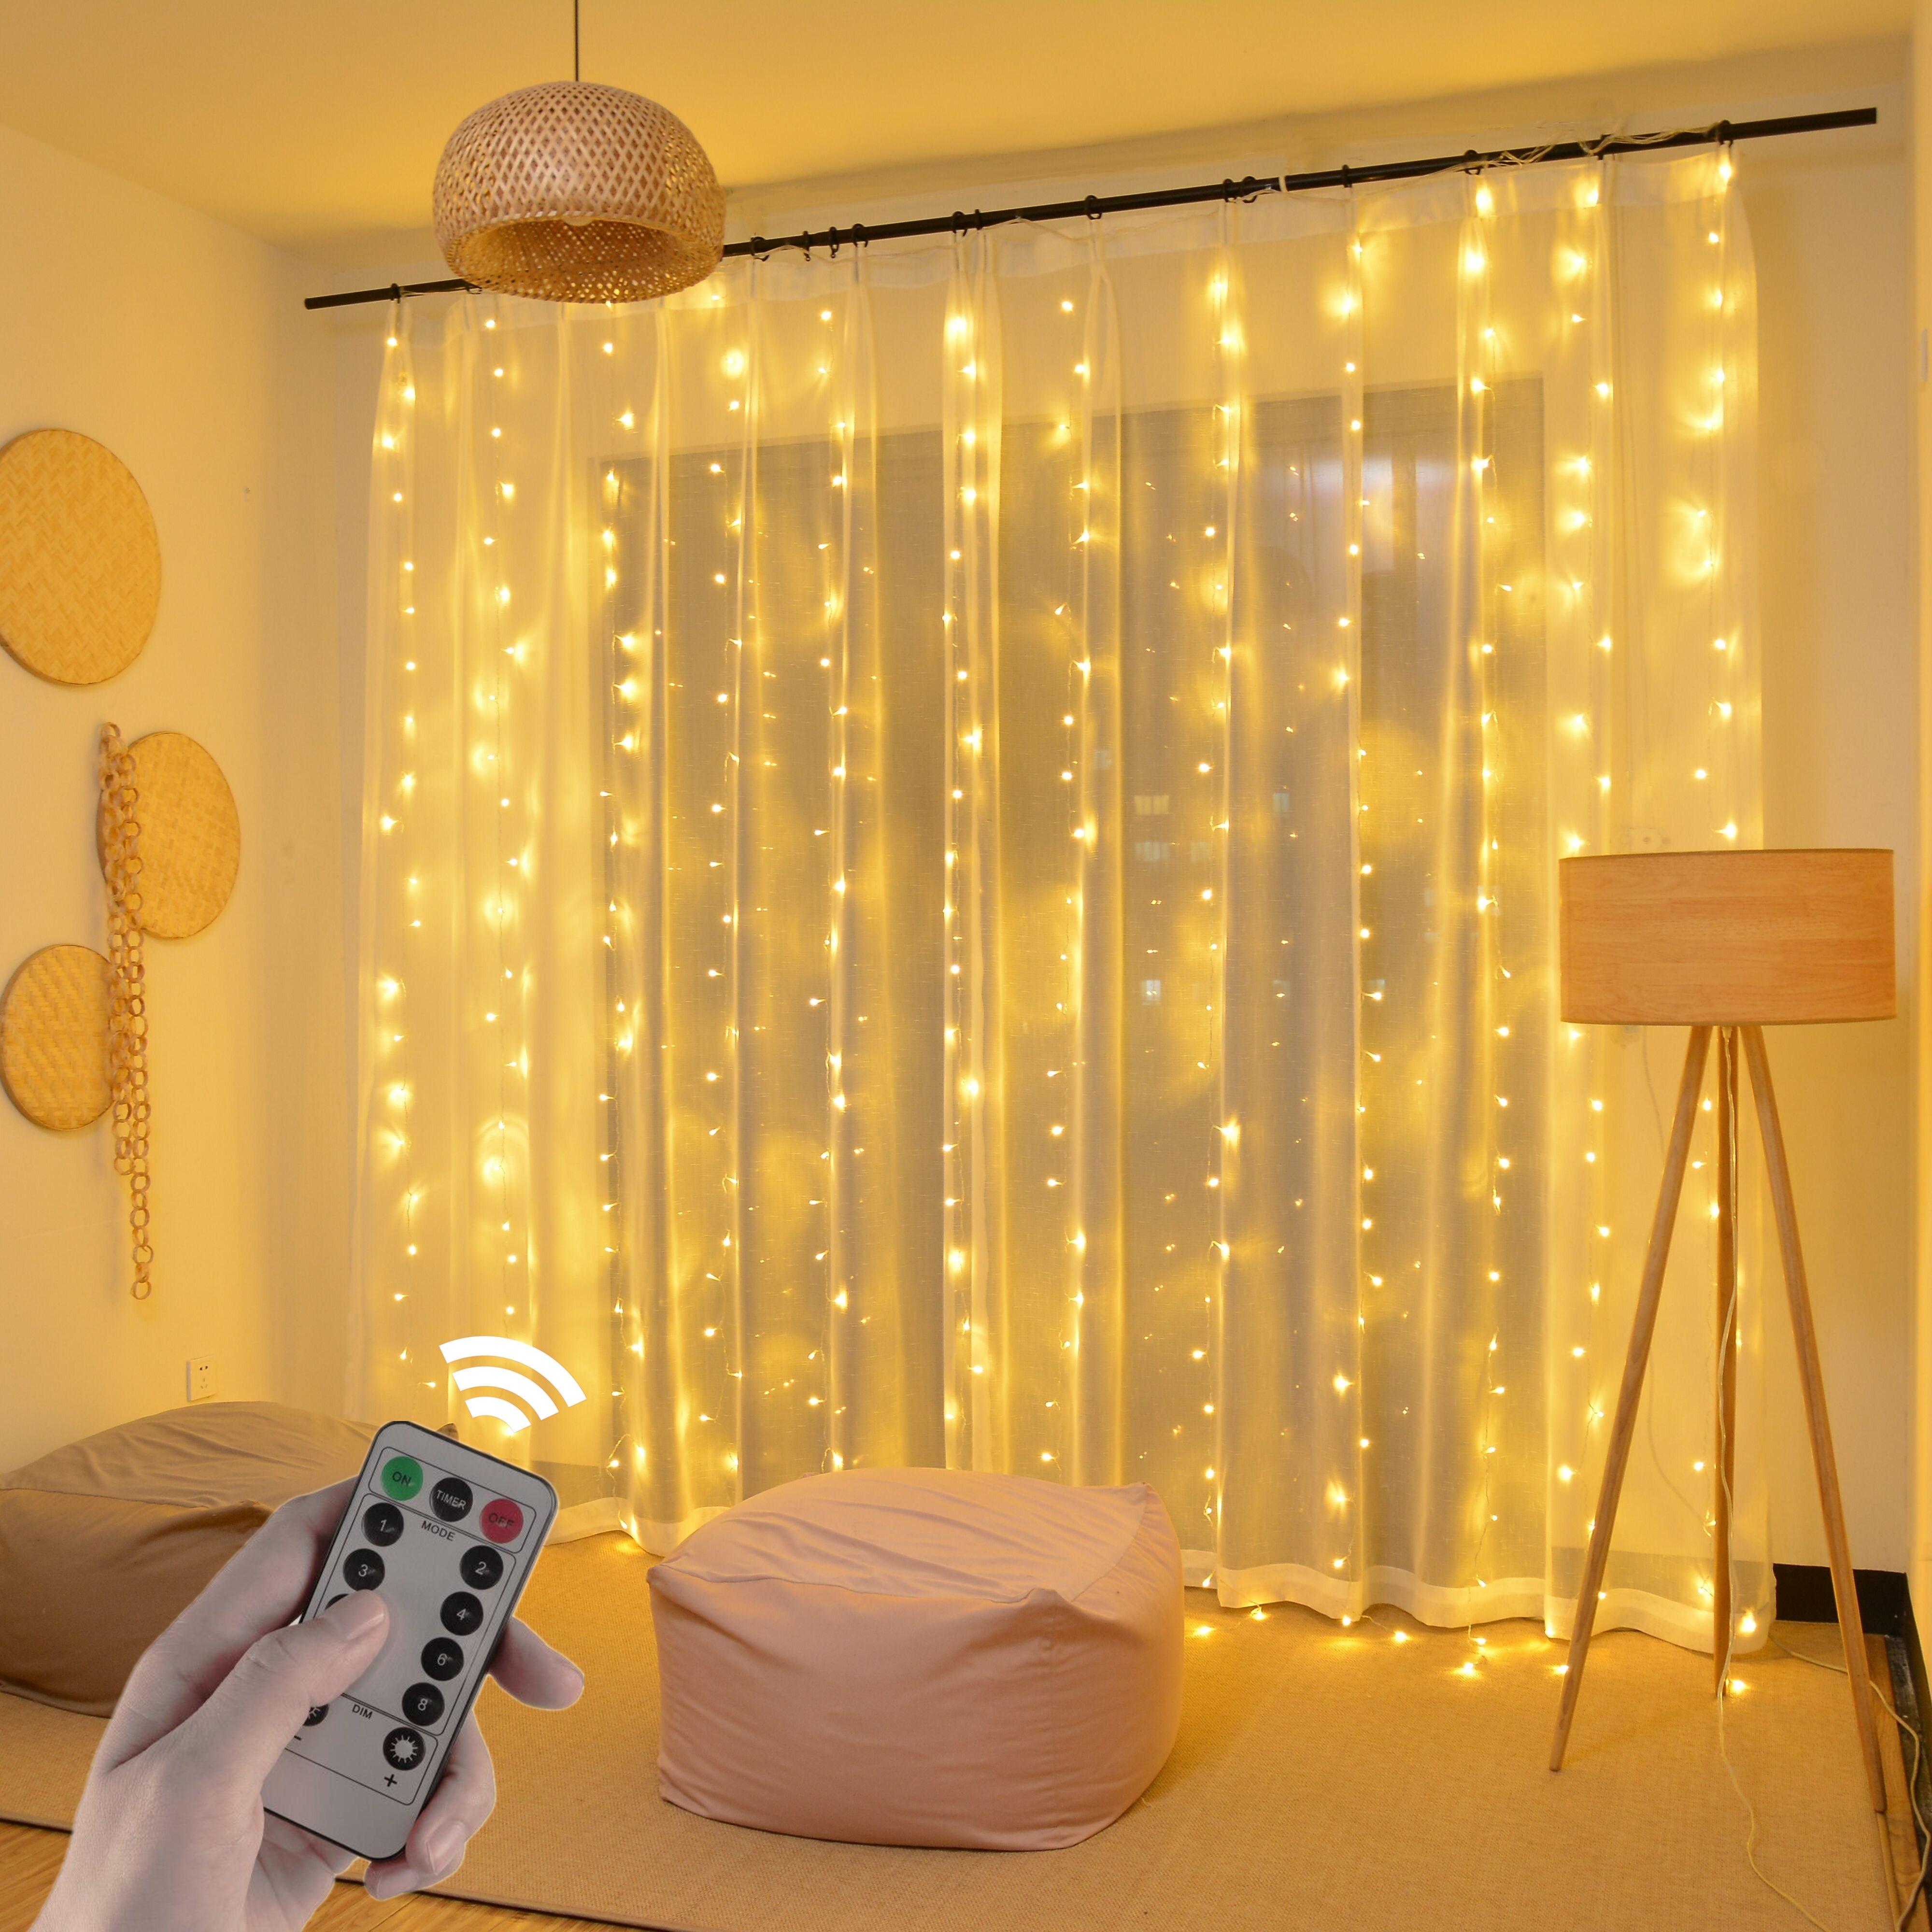 3m led cortina luzes da corda usb controle remoto festão festão guirlanda na janela ano novo decorações de natal para casa ao ar livre